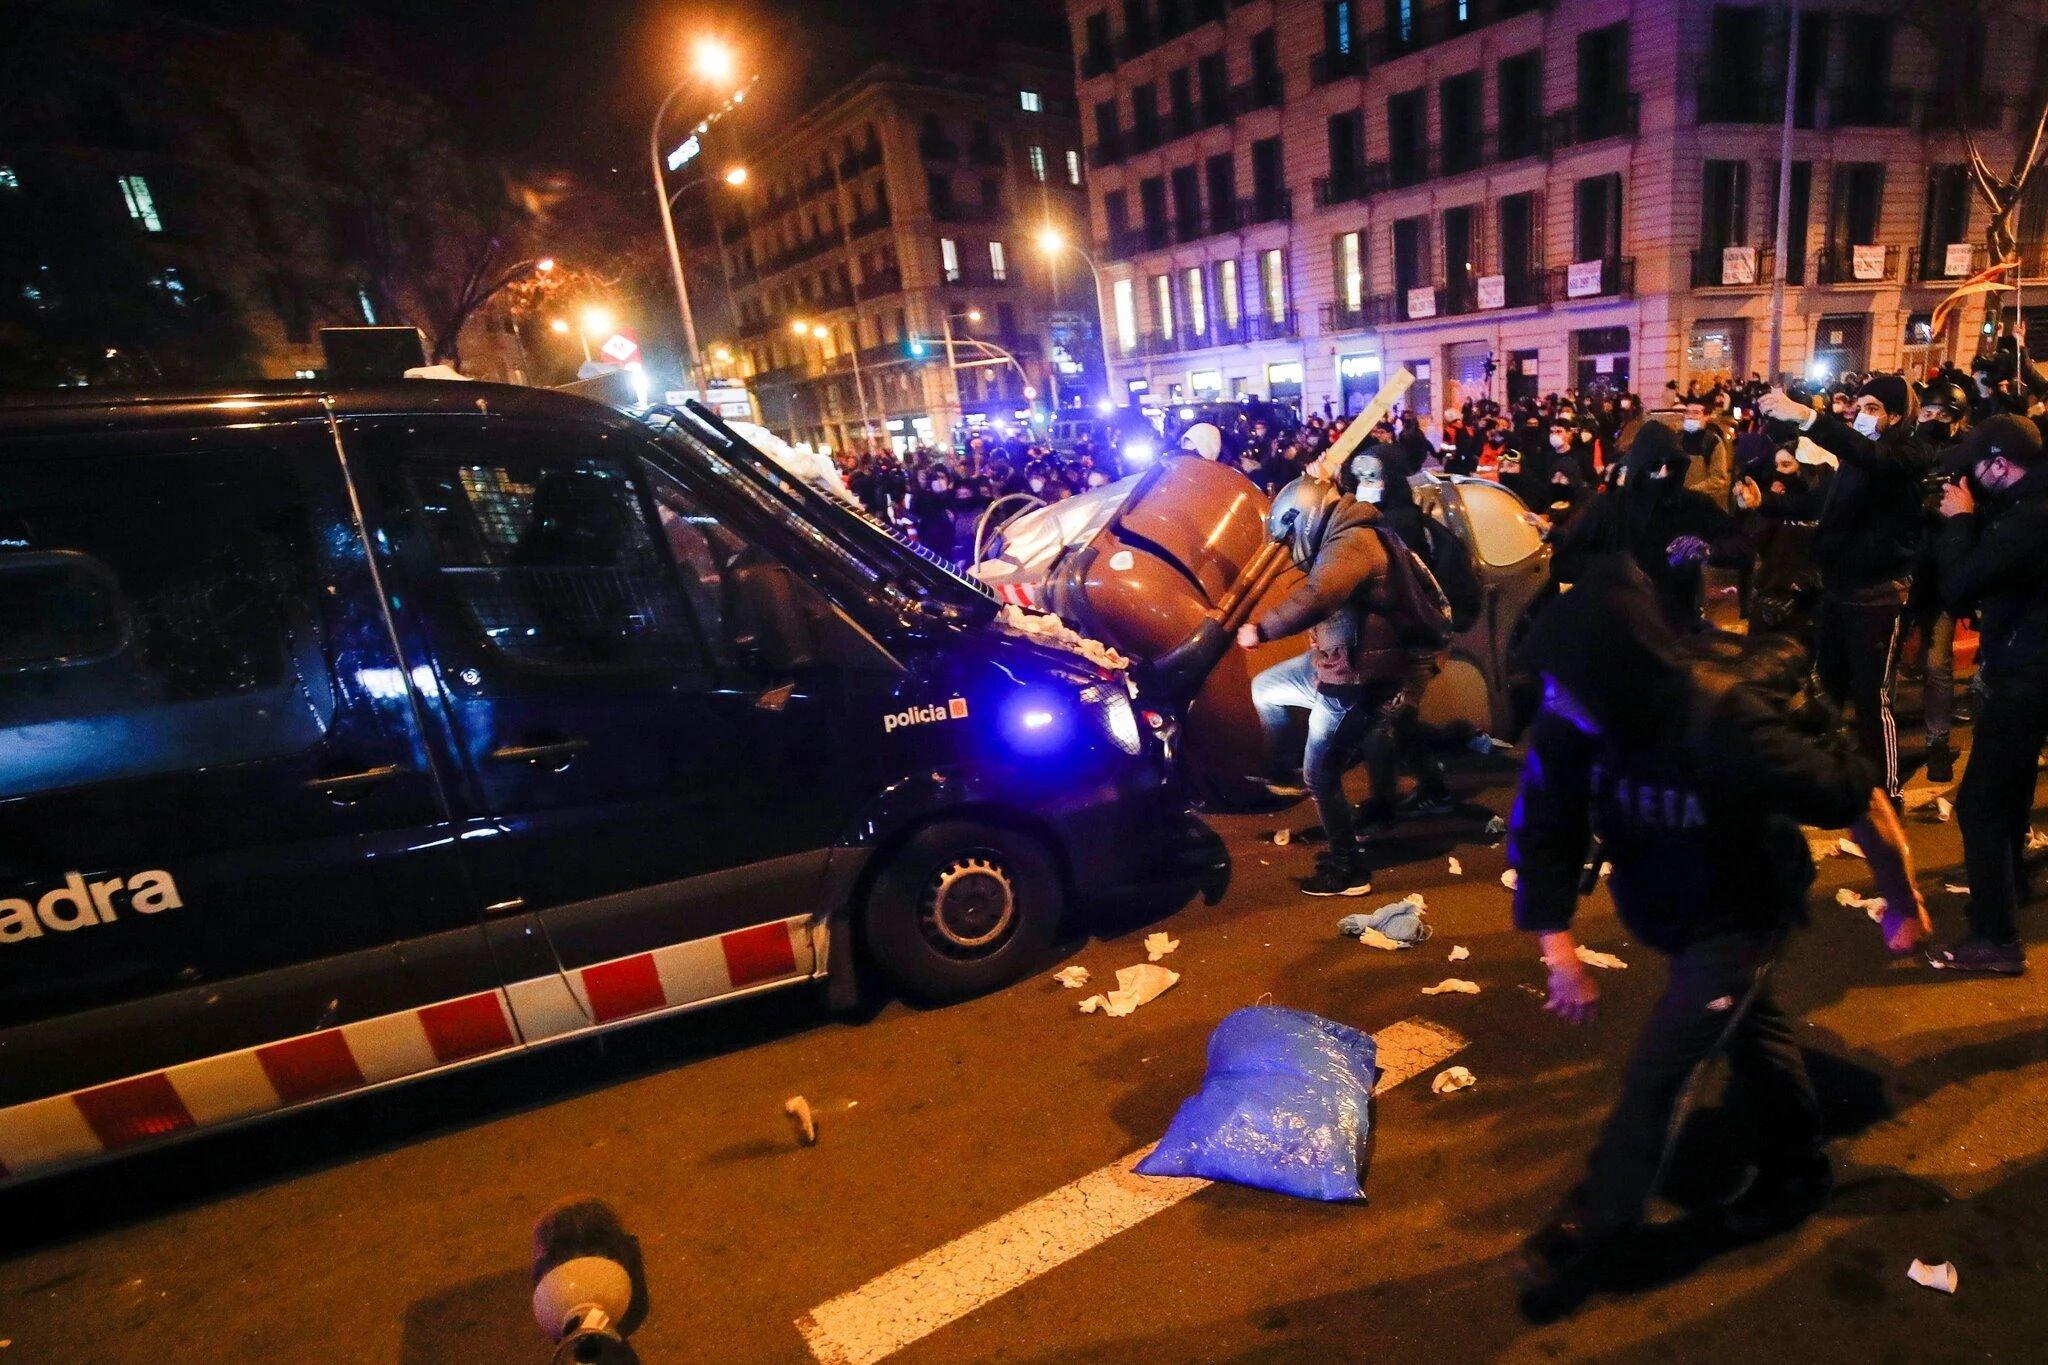 متظاهرون كتالونيون ينهالون بالضرب على سيارات الشرطة